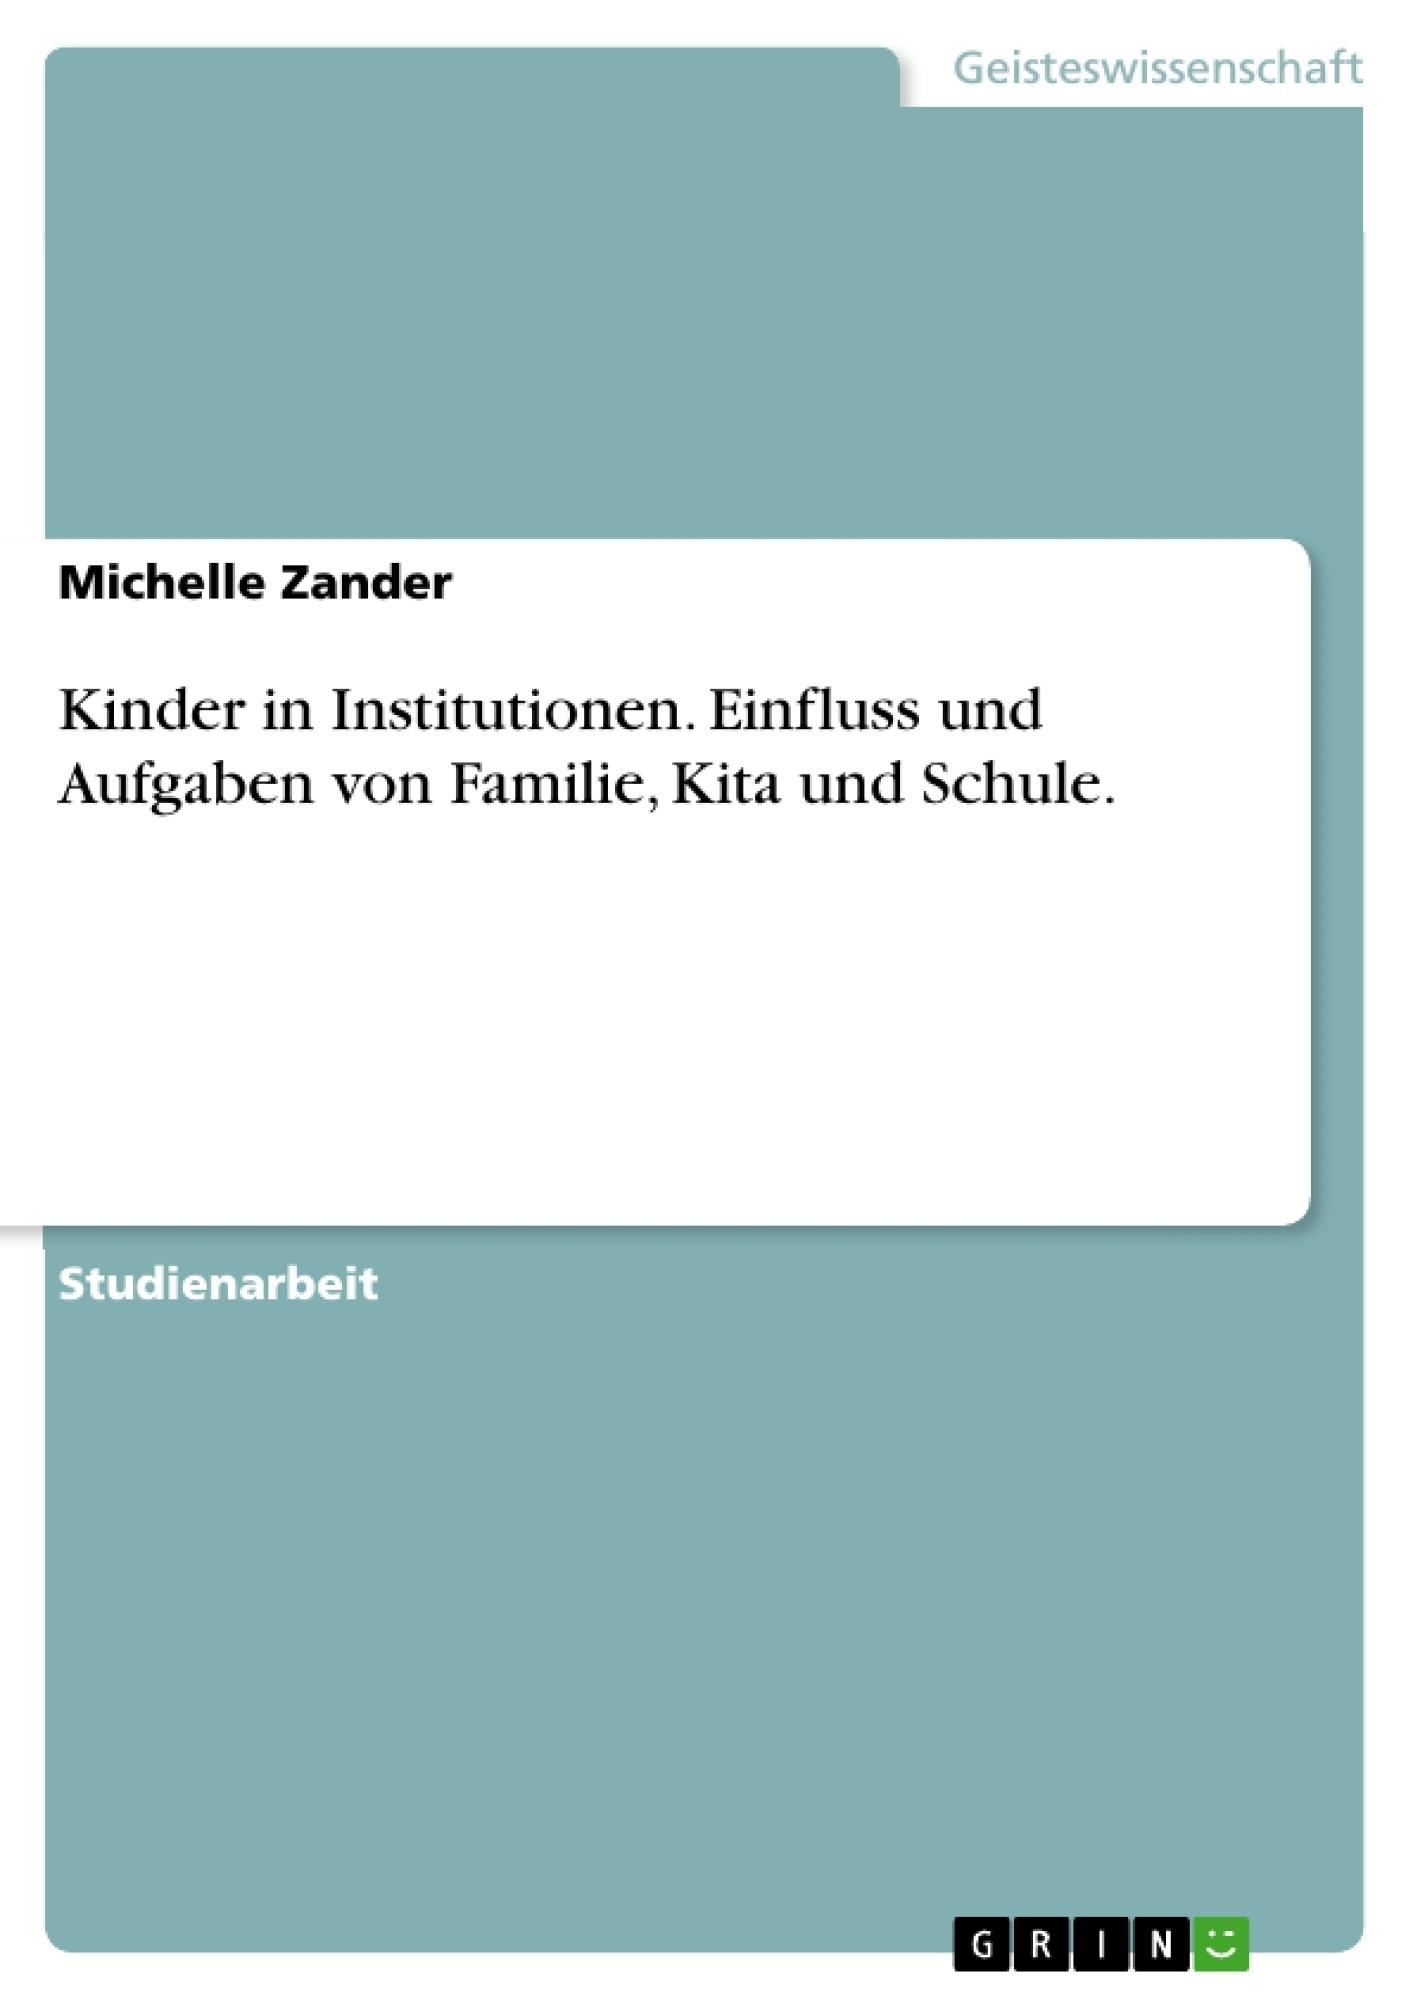 Titel: Kinder in Institutionen. Einfluss und Aufgaben von Familie, Kita und Schule.